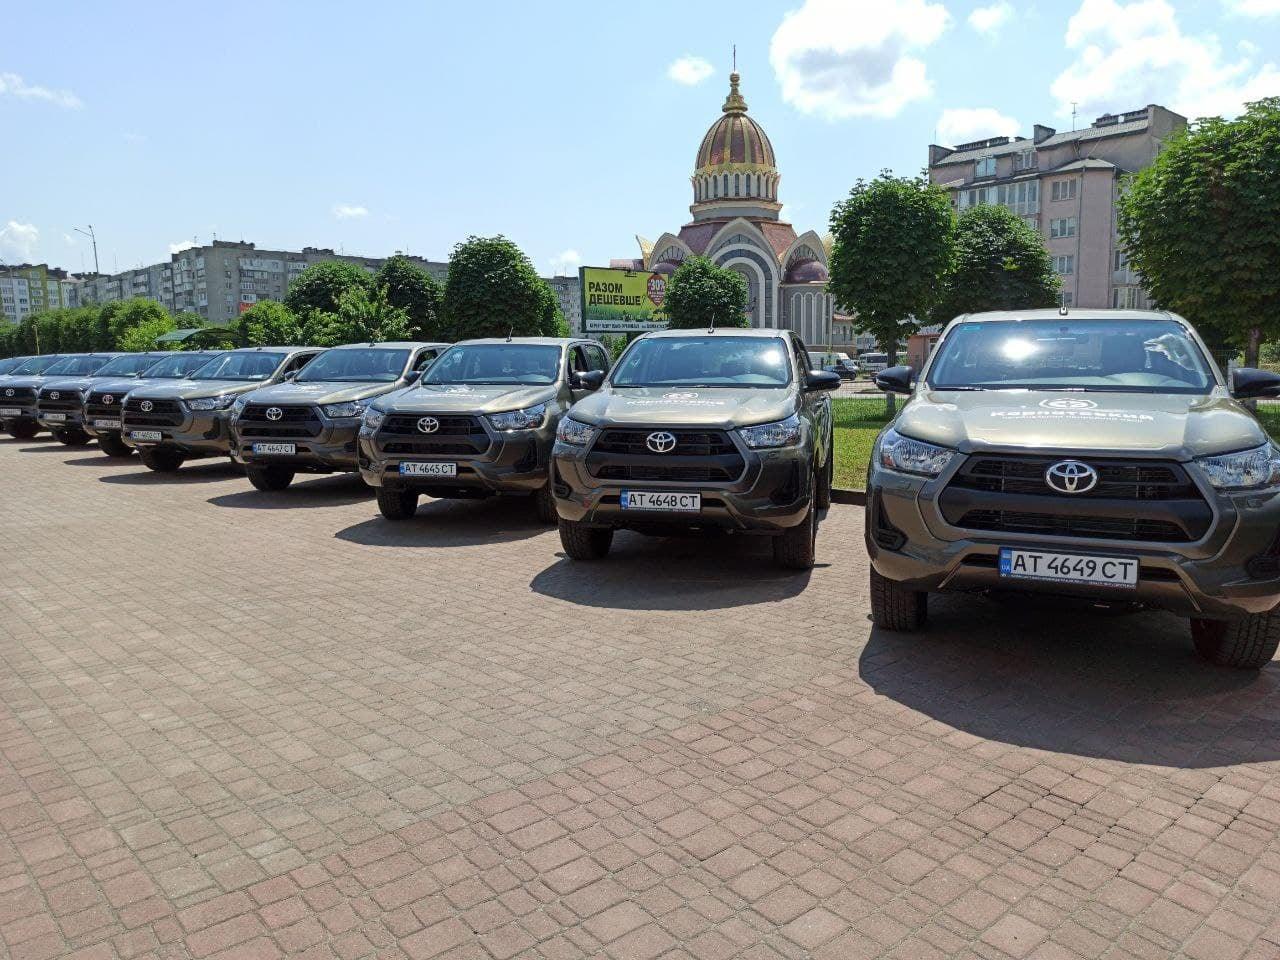 Німеччина підтримала Карпатський національний парк п'ятьма автомобілями (ФОТО)